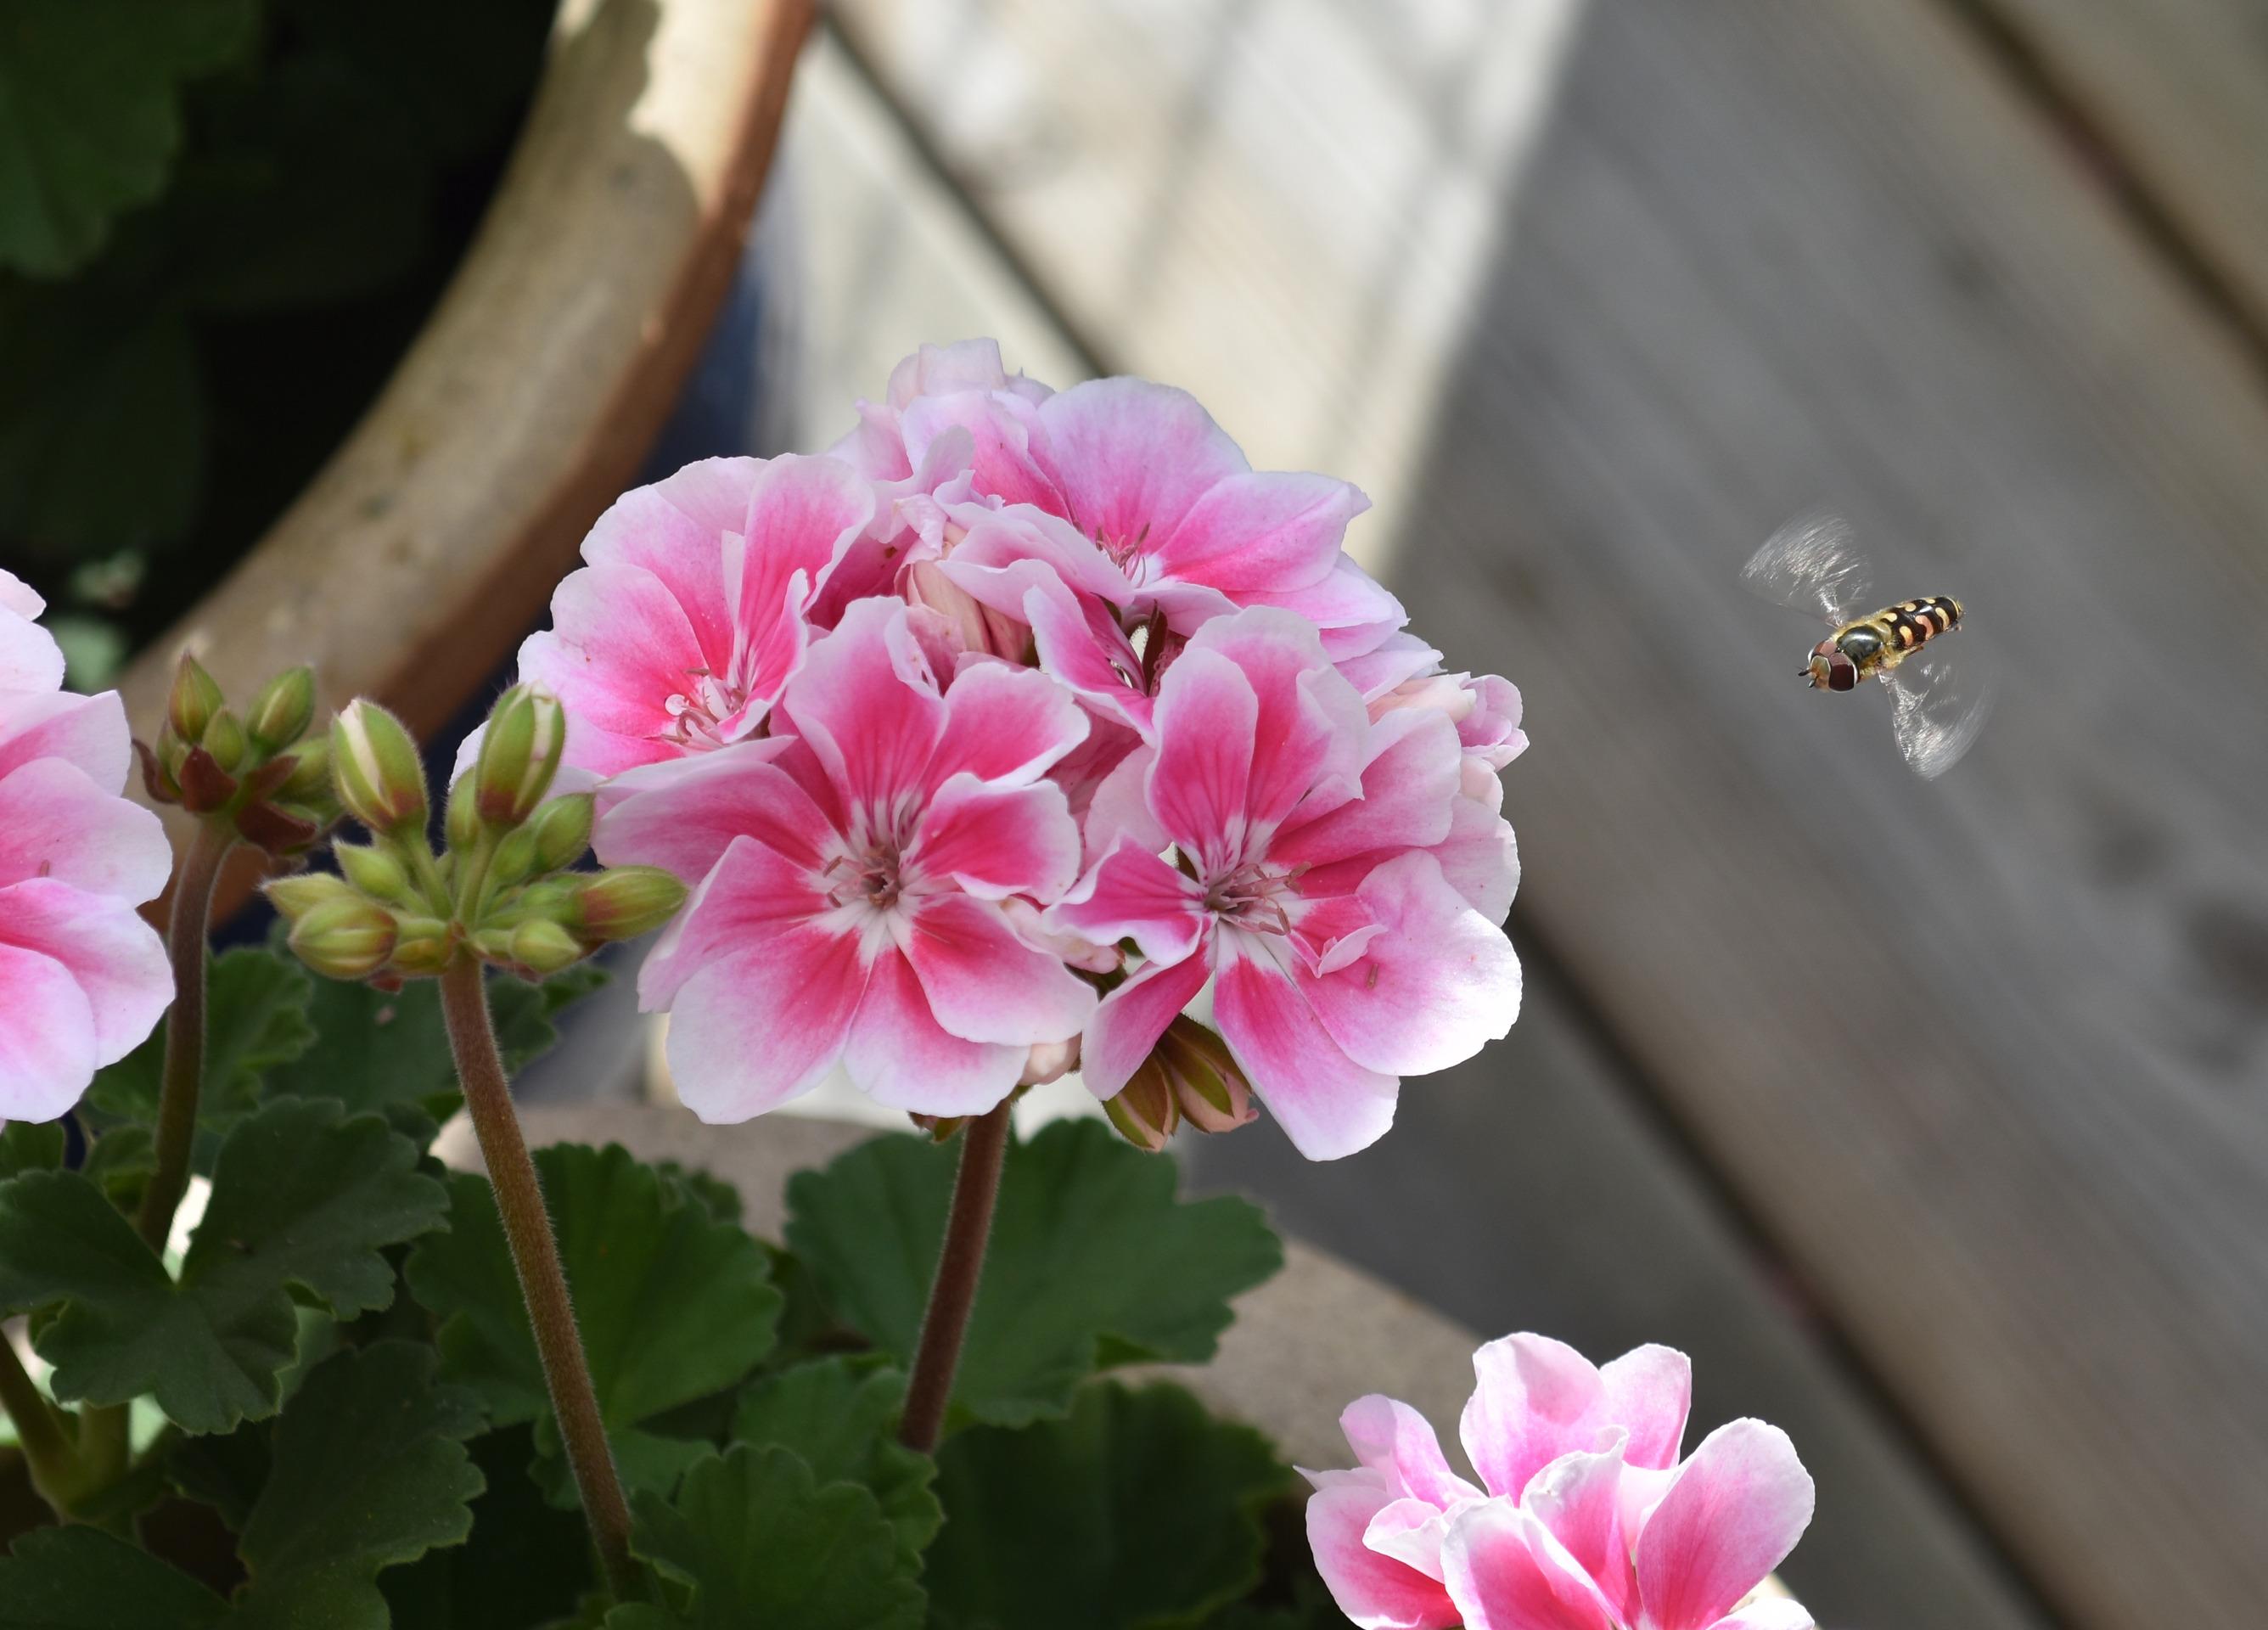 En Blomfluga ryttlar framför en Pelargon på altanen